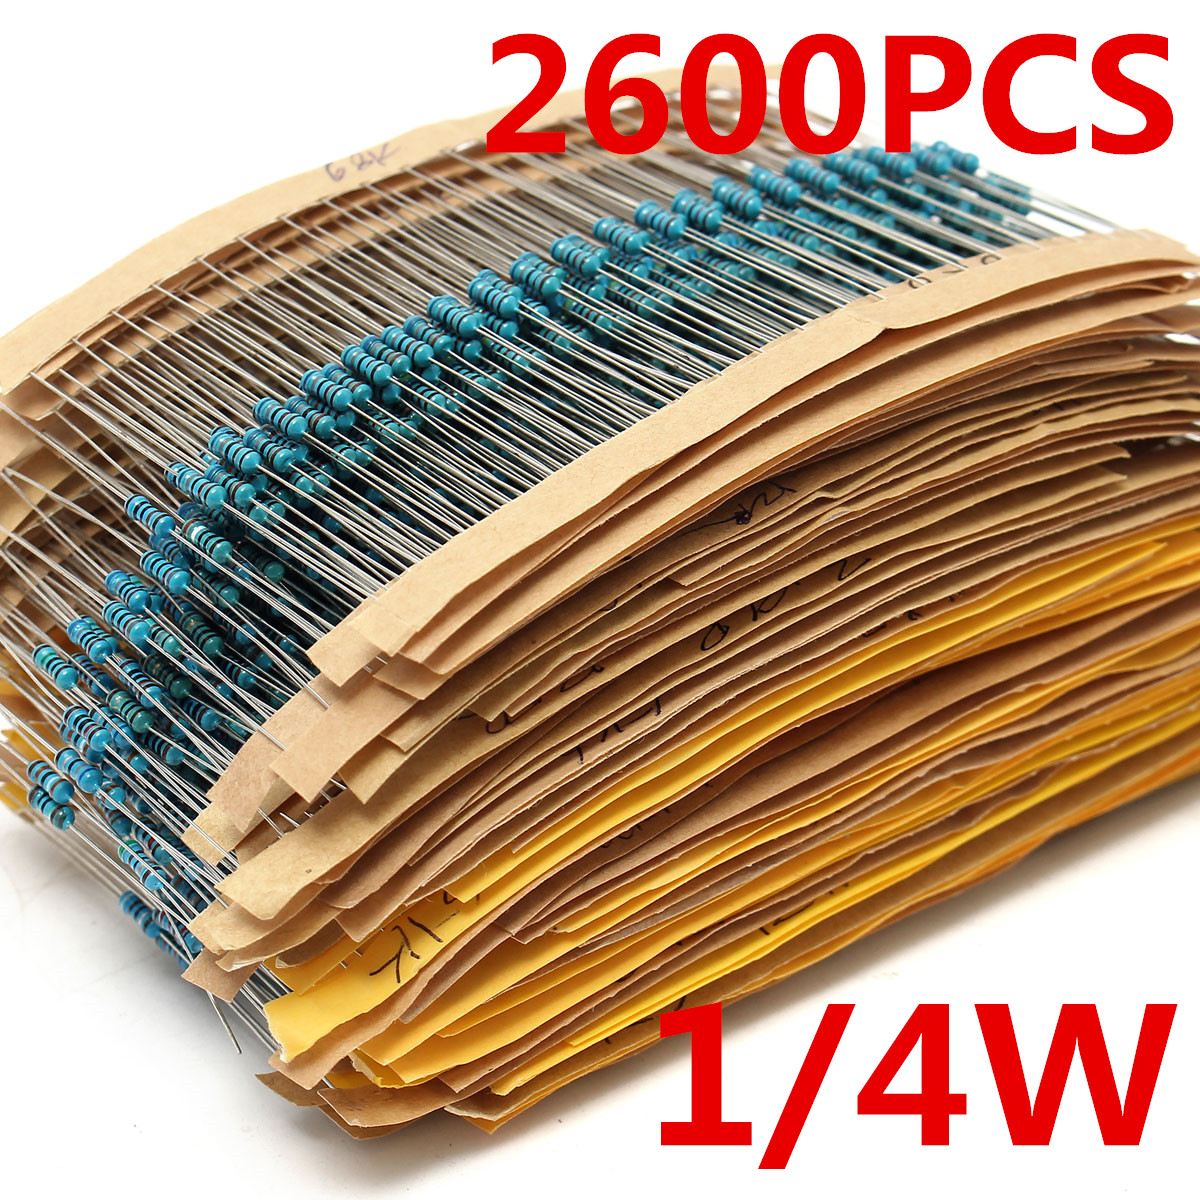 2600 pièces 130 valeurs 1/4W 0.25W 1% résistances à Film métallique assortiment Kit Lot de résistances assortiment Kits condensateurs fixes